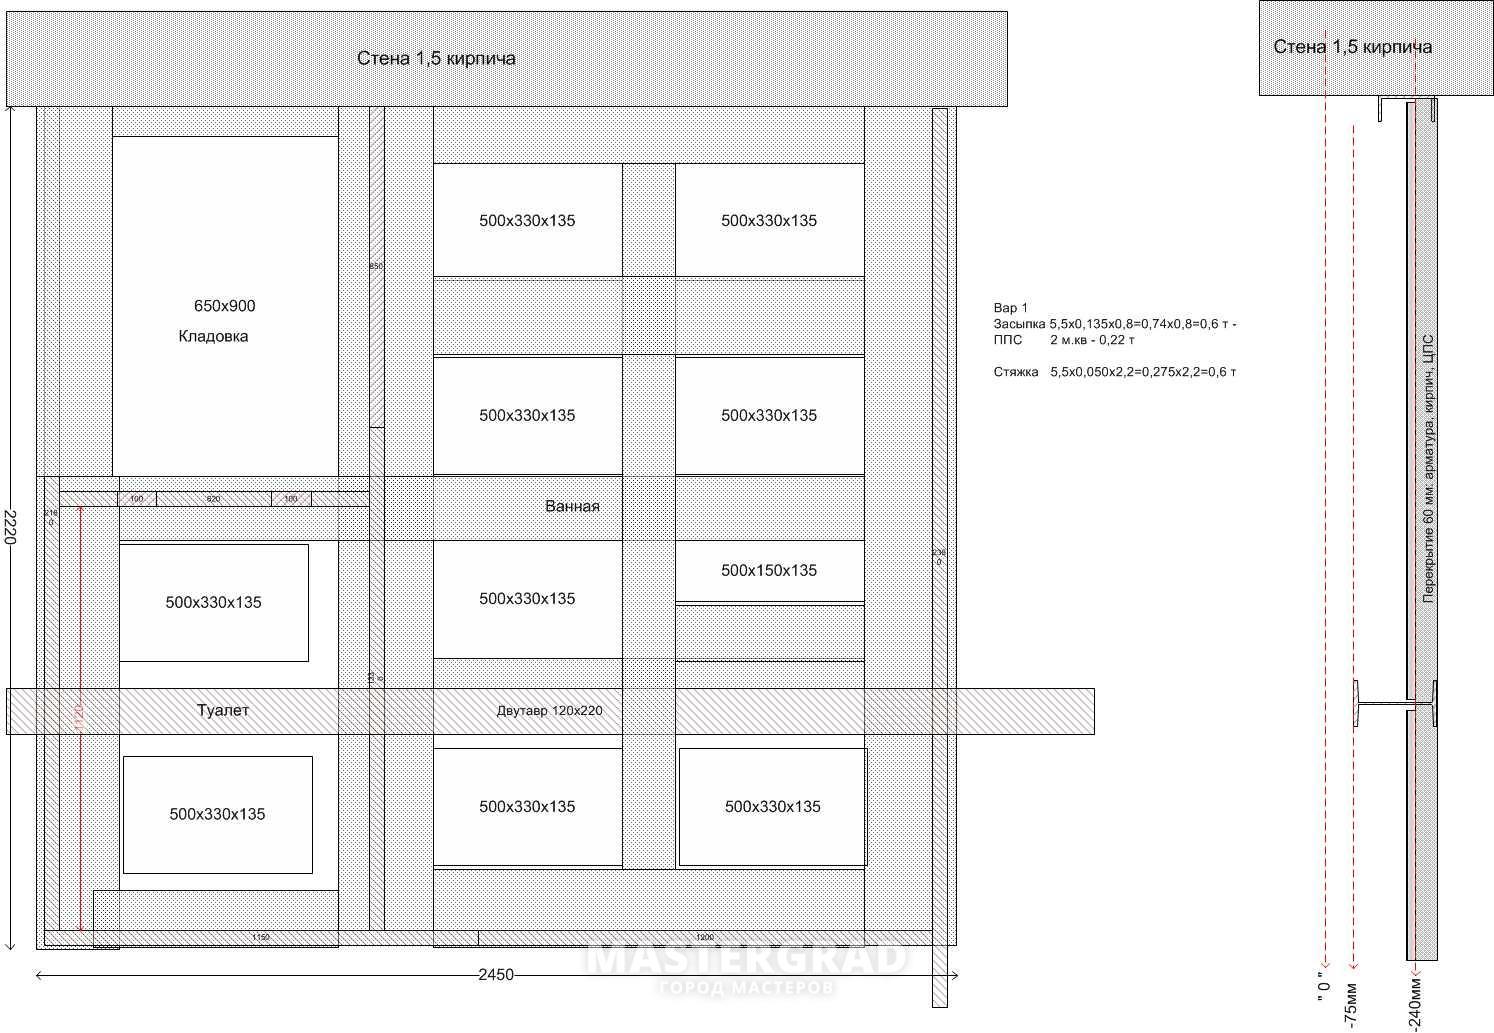 Керамзитобетон d600 стоимость бетонной смеси